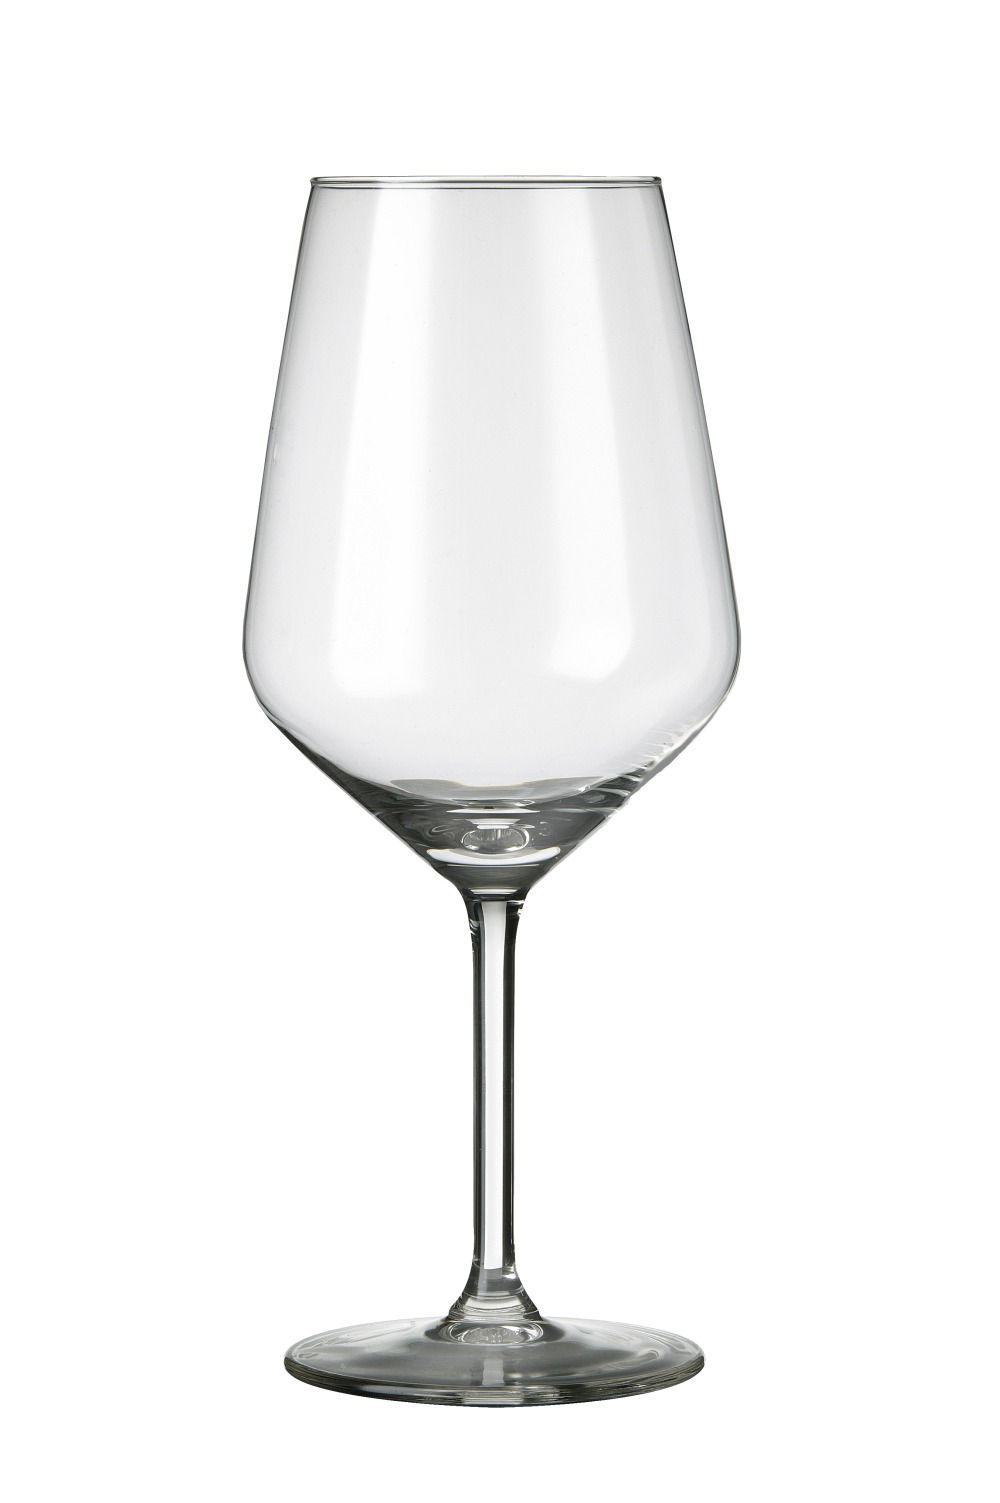 royal_leerdam_wijnglas_carre_53cl.jpg